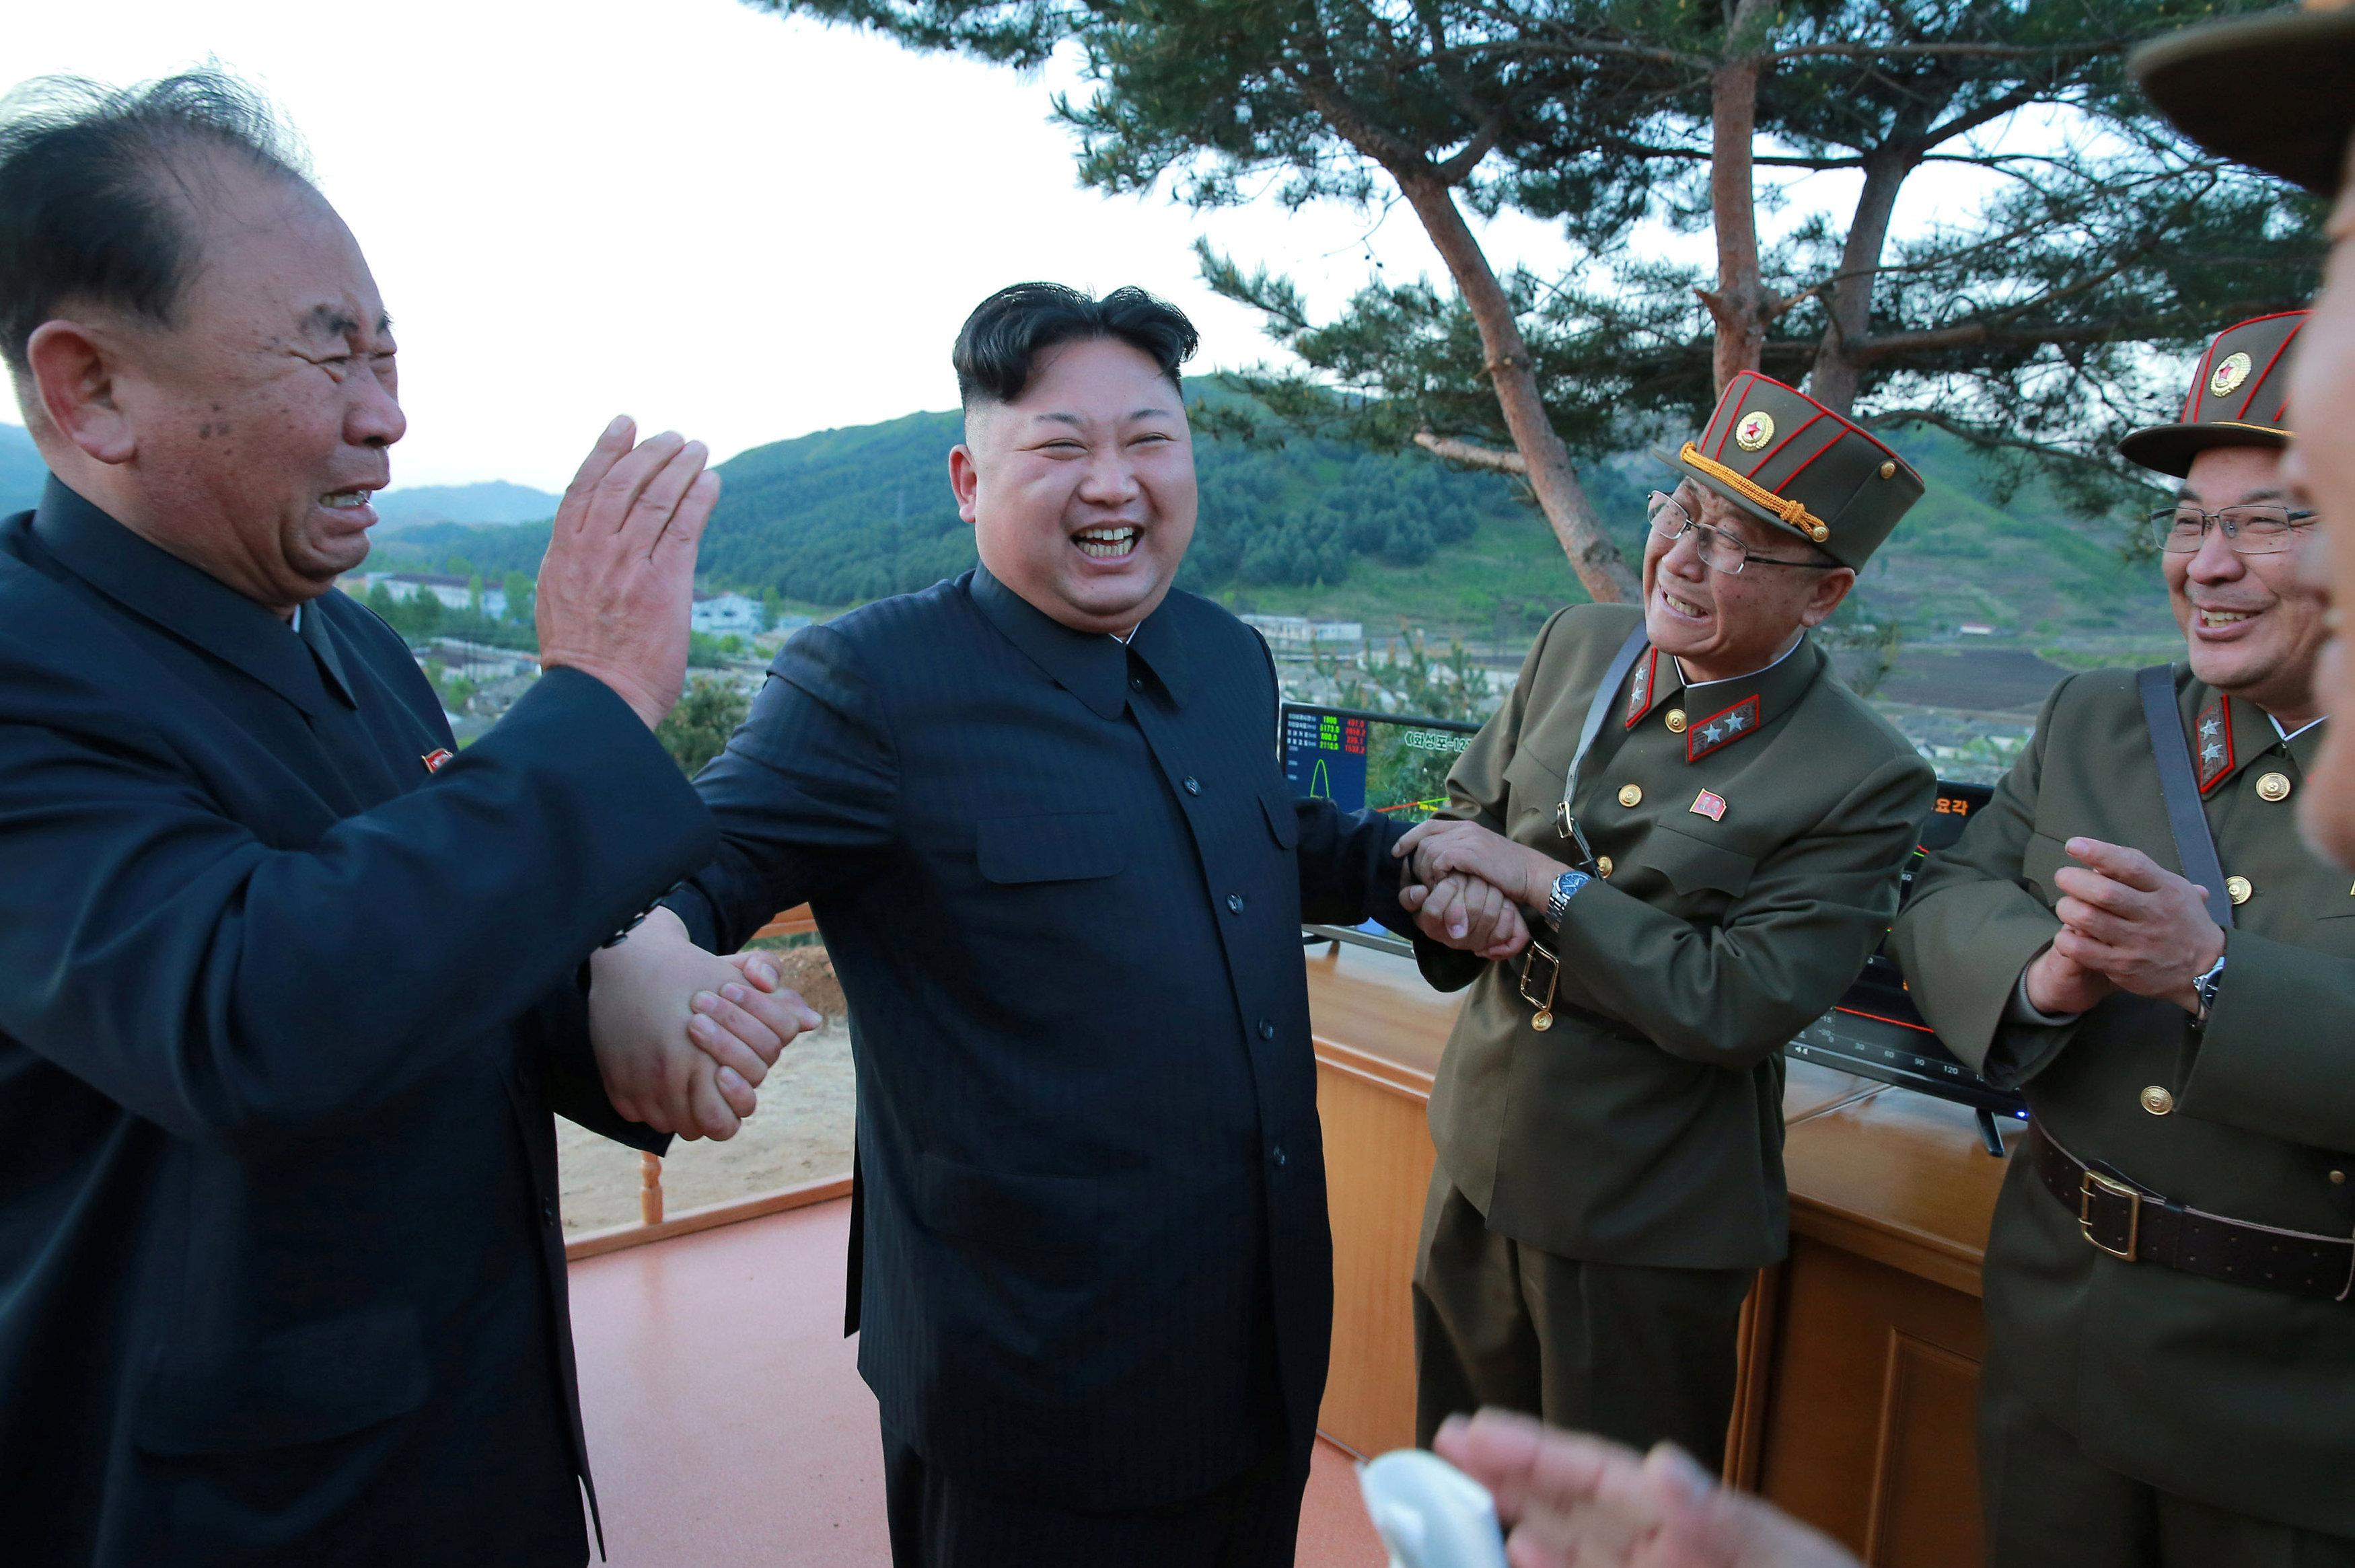 Kim Jong-un, líder norcoreano, felicita a los militares y científicos con motivo de una prueba exitosa del misil balístico Hwasong-12